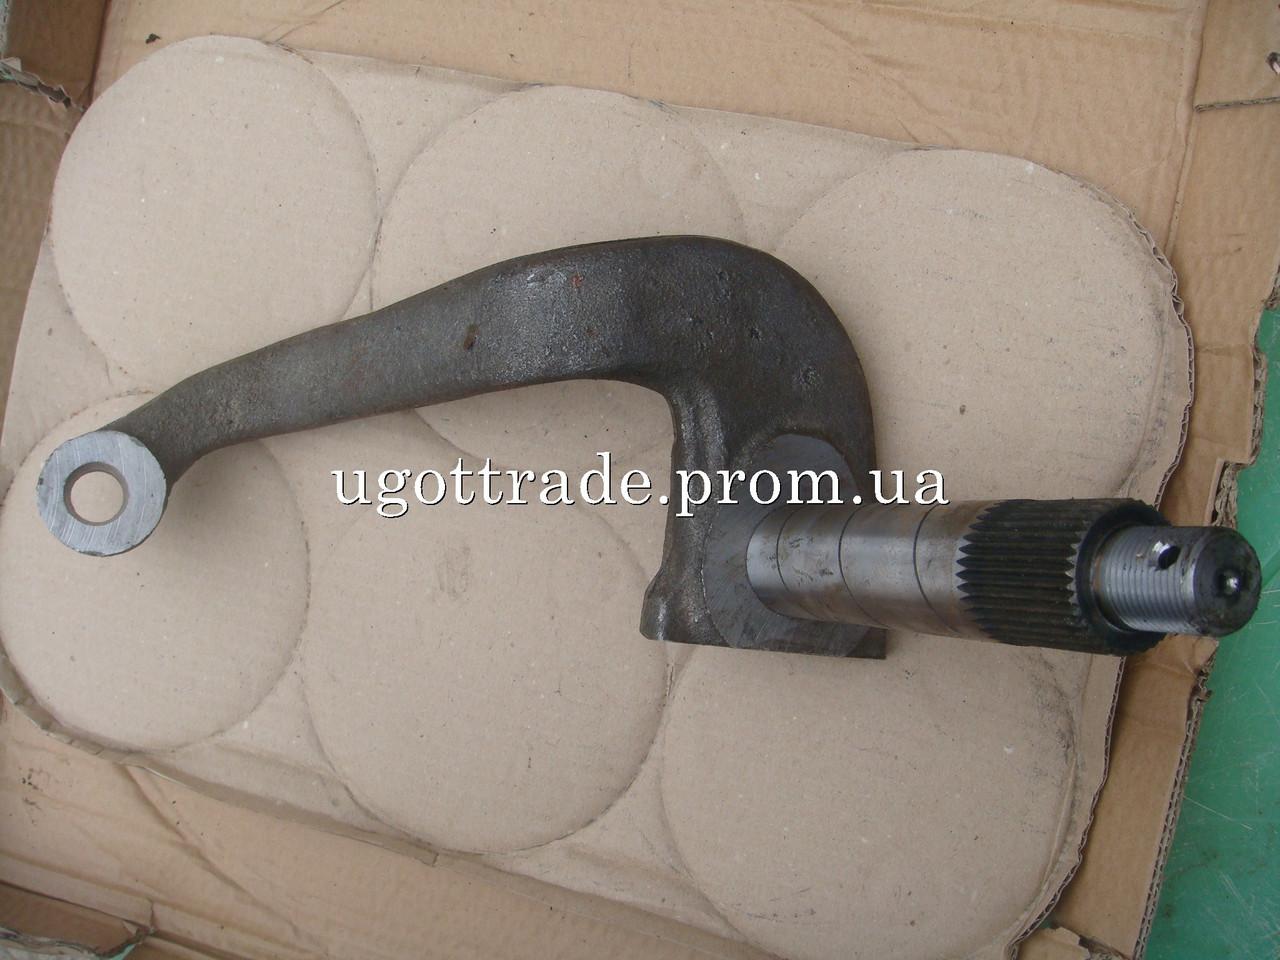 Рулевой рычаг ЮМЗ, 45-3001080